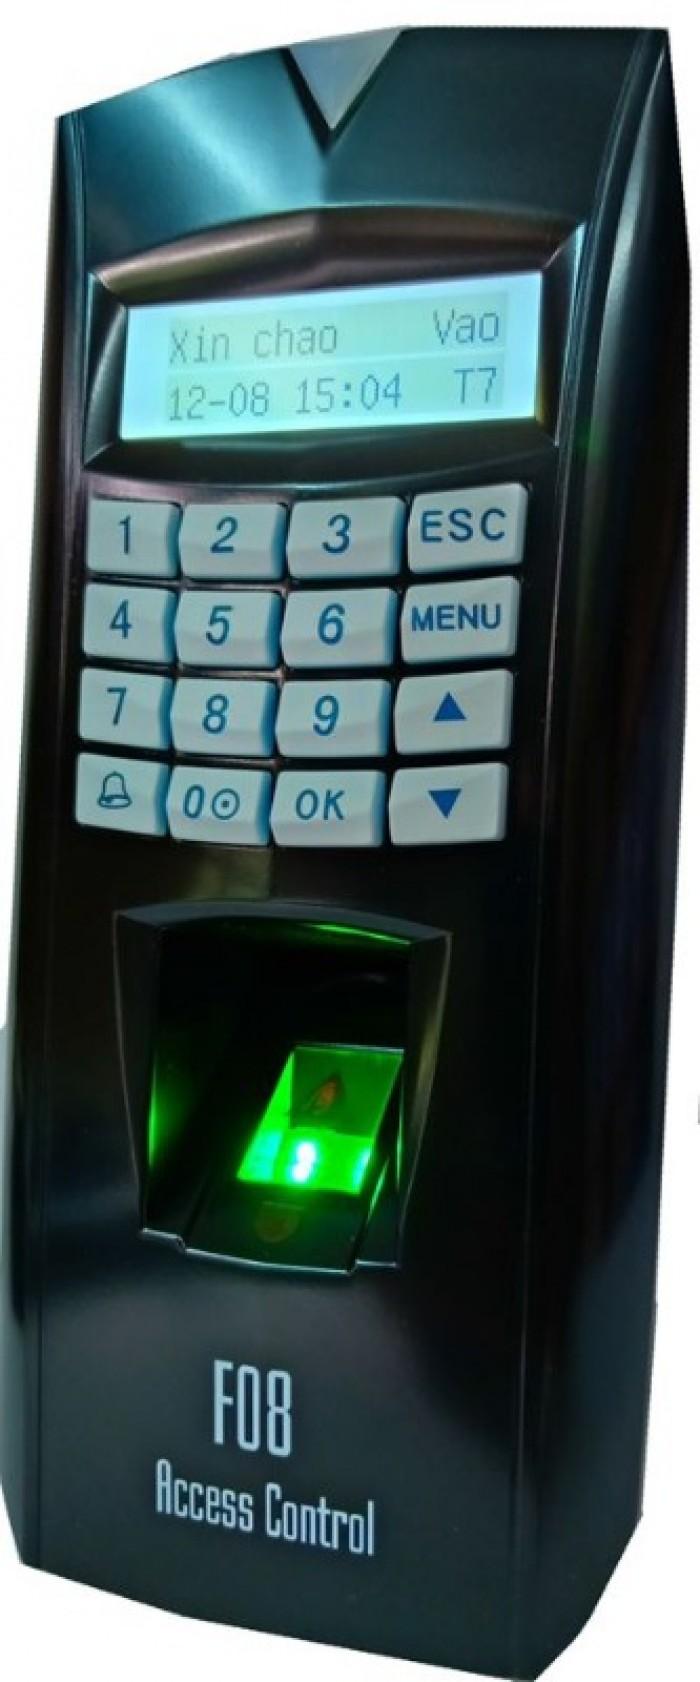 Máy chấm công kiểm soát cửa - Mita F08 bảo hành uy tín0